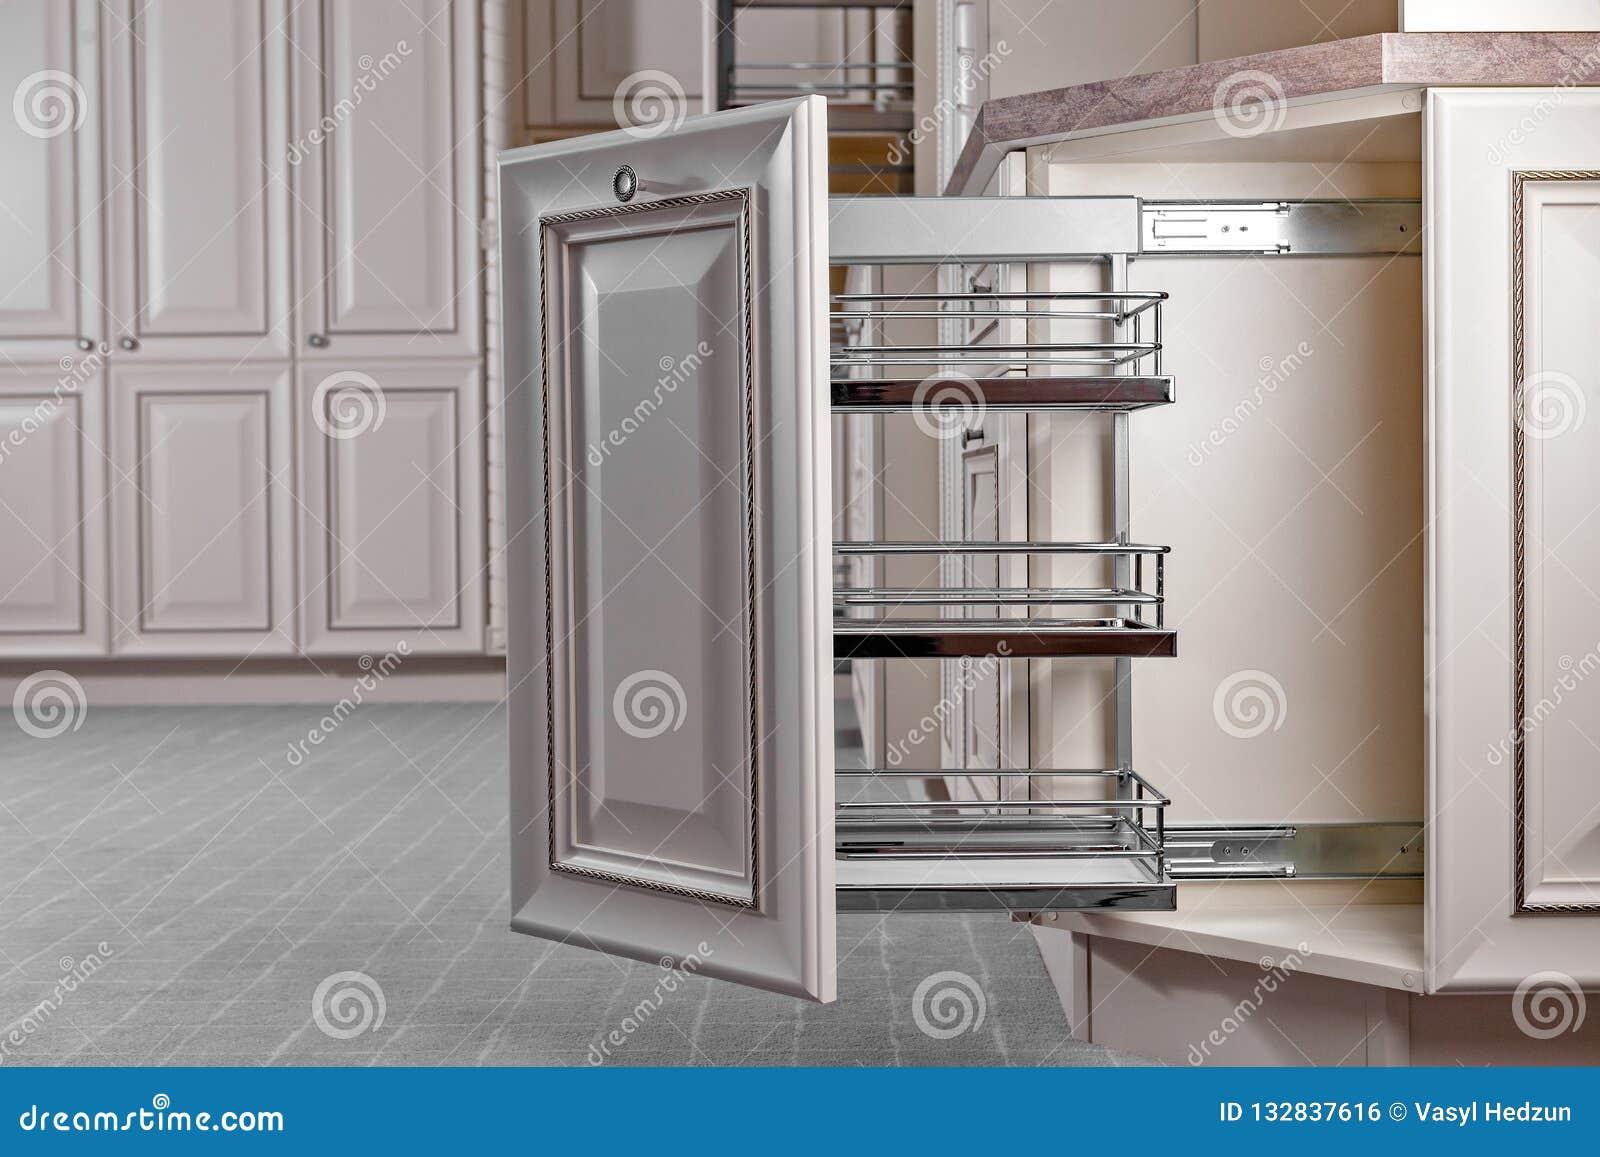 Interiore domestico Cucina - porta aperta con mobilia Legno e Chrome materiali, progettazione moderna